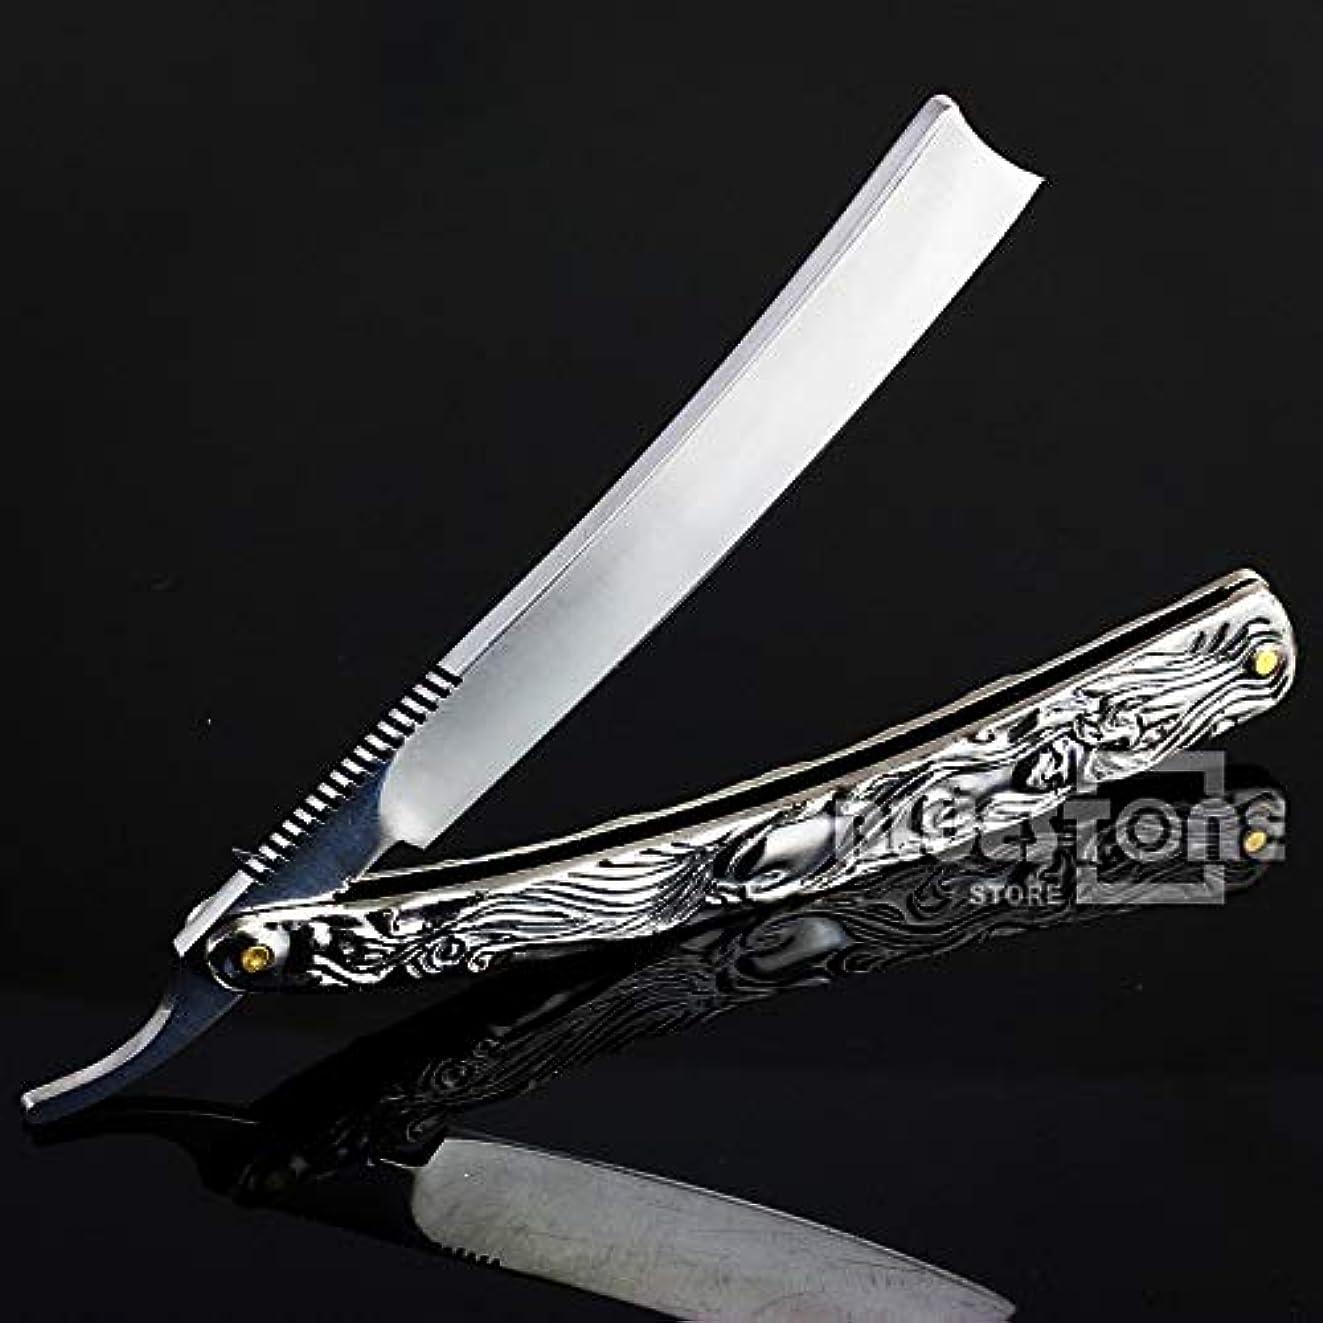 神聖使い込む自殺Klaxiaz - 高品質ヴィンテージアルミストレートエッジステンレススチールシェイパー理容カミソリ折りたたみシェービングナイフ